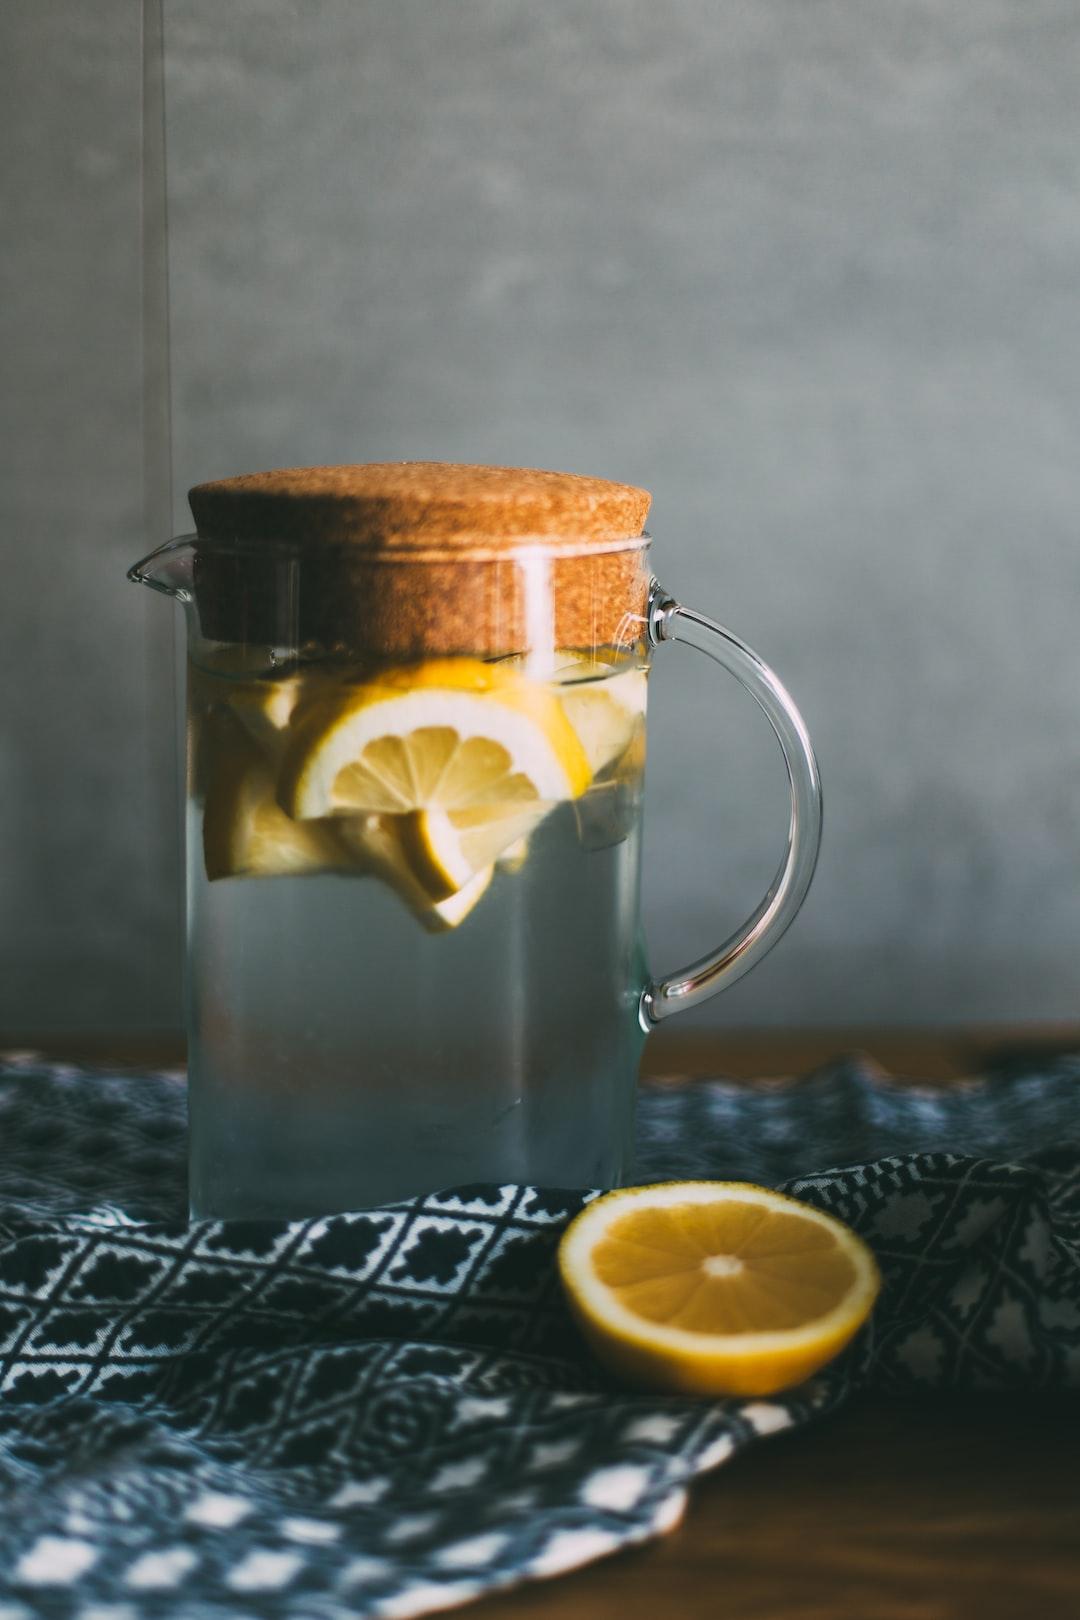 Lemons in a water jug